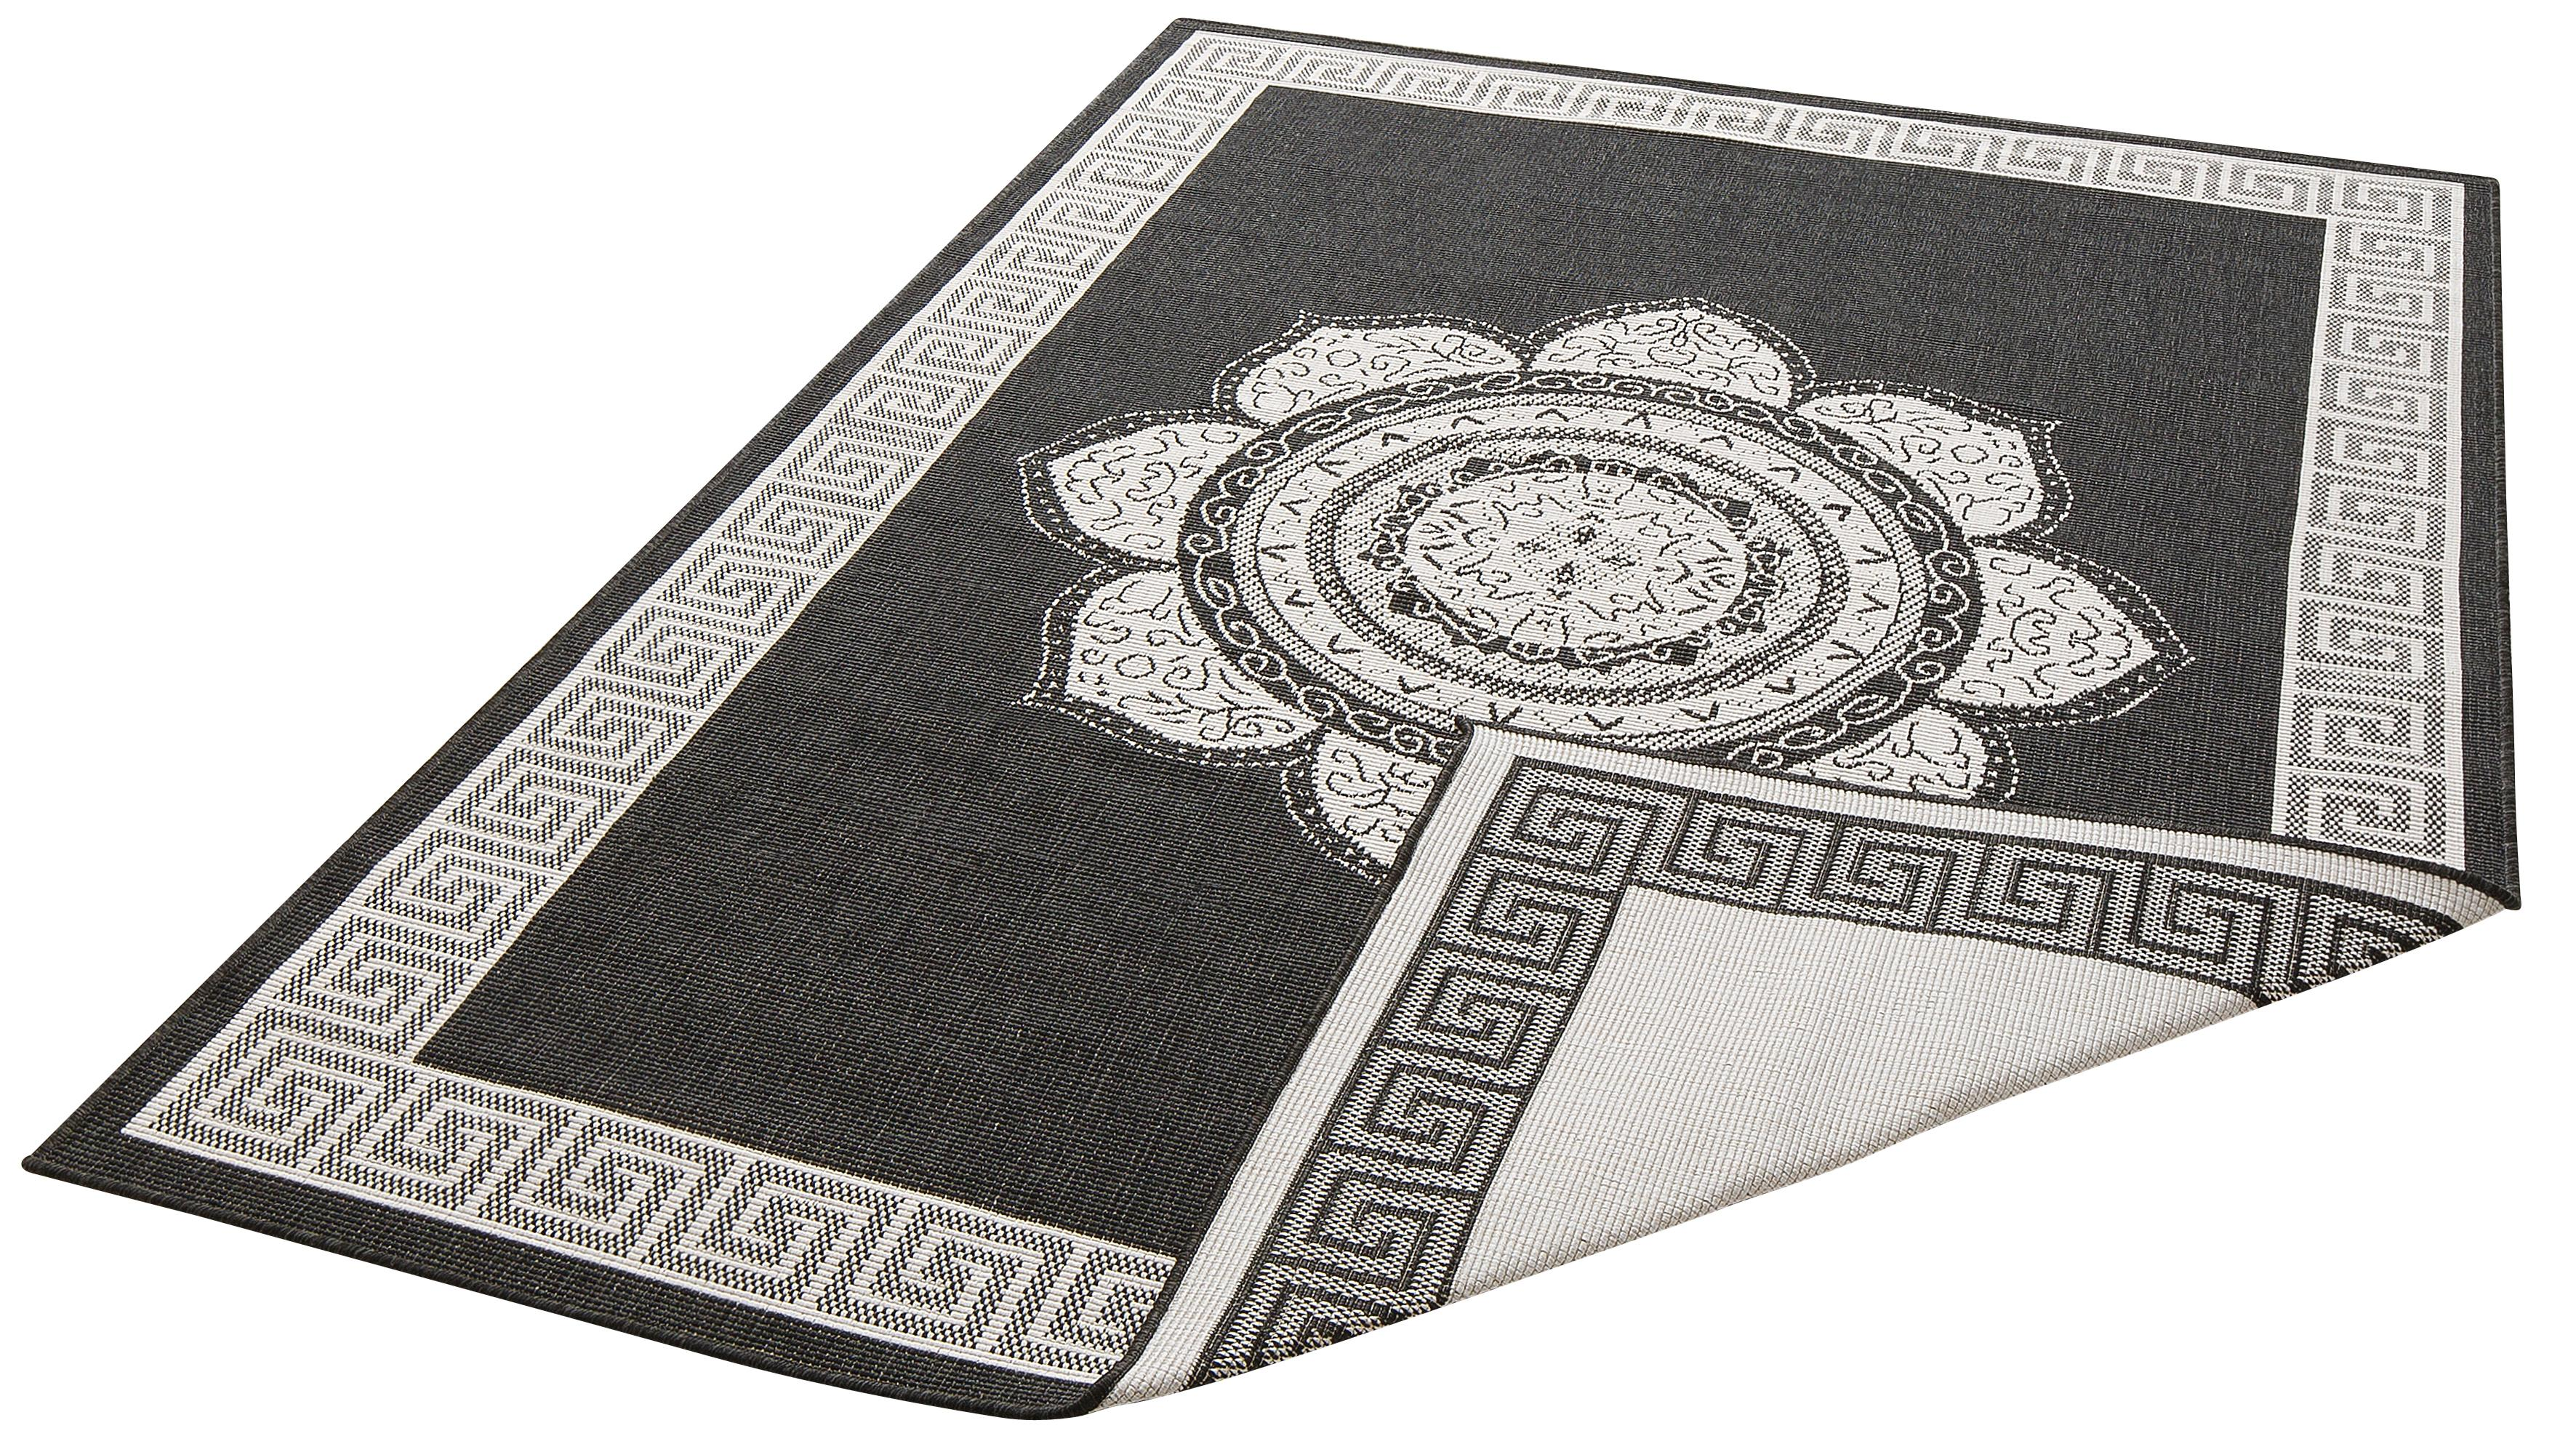 Teppich Jule my home rechteckig Höhe 5 mm maschinell gewebt